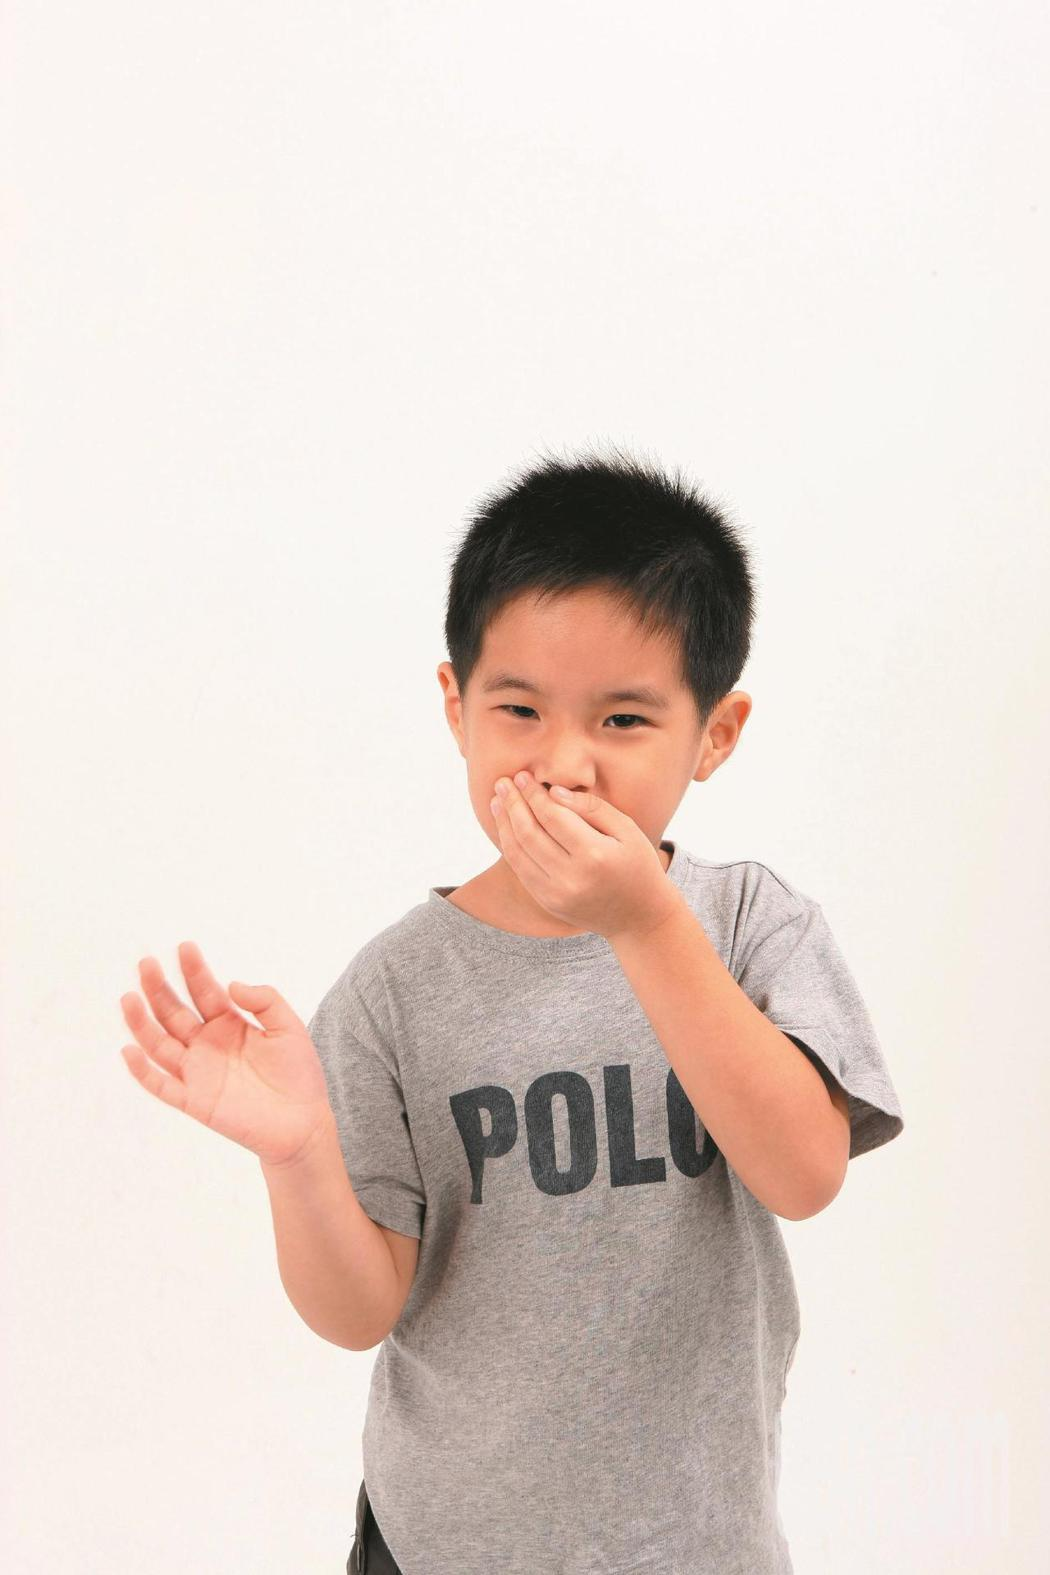 台灣營養基金會近期針對全台逾千名國小兒童進行飲食調查,發現仍有超過六成家庭未用全...